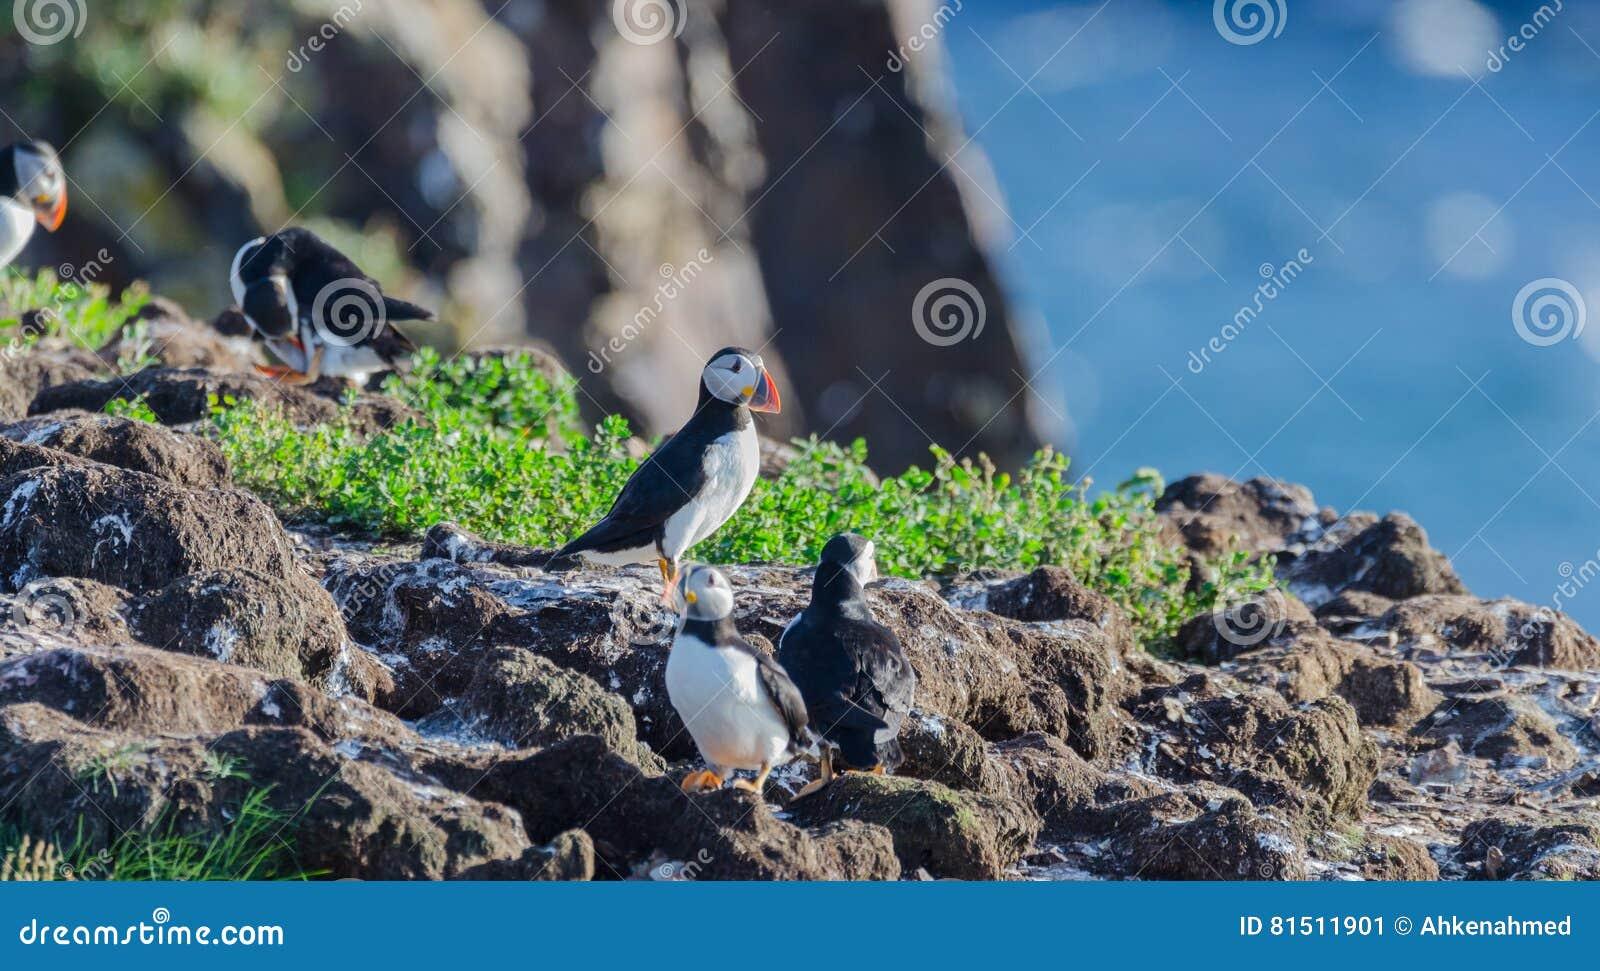 Atlantische Papageientaucher Fratercula arctica auf Vogelinsel in Elliston, Neufundland